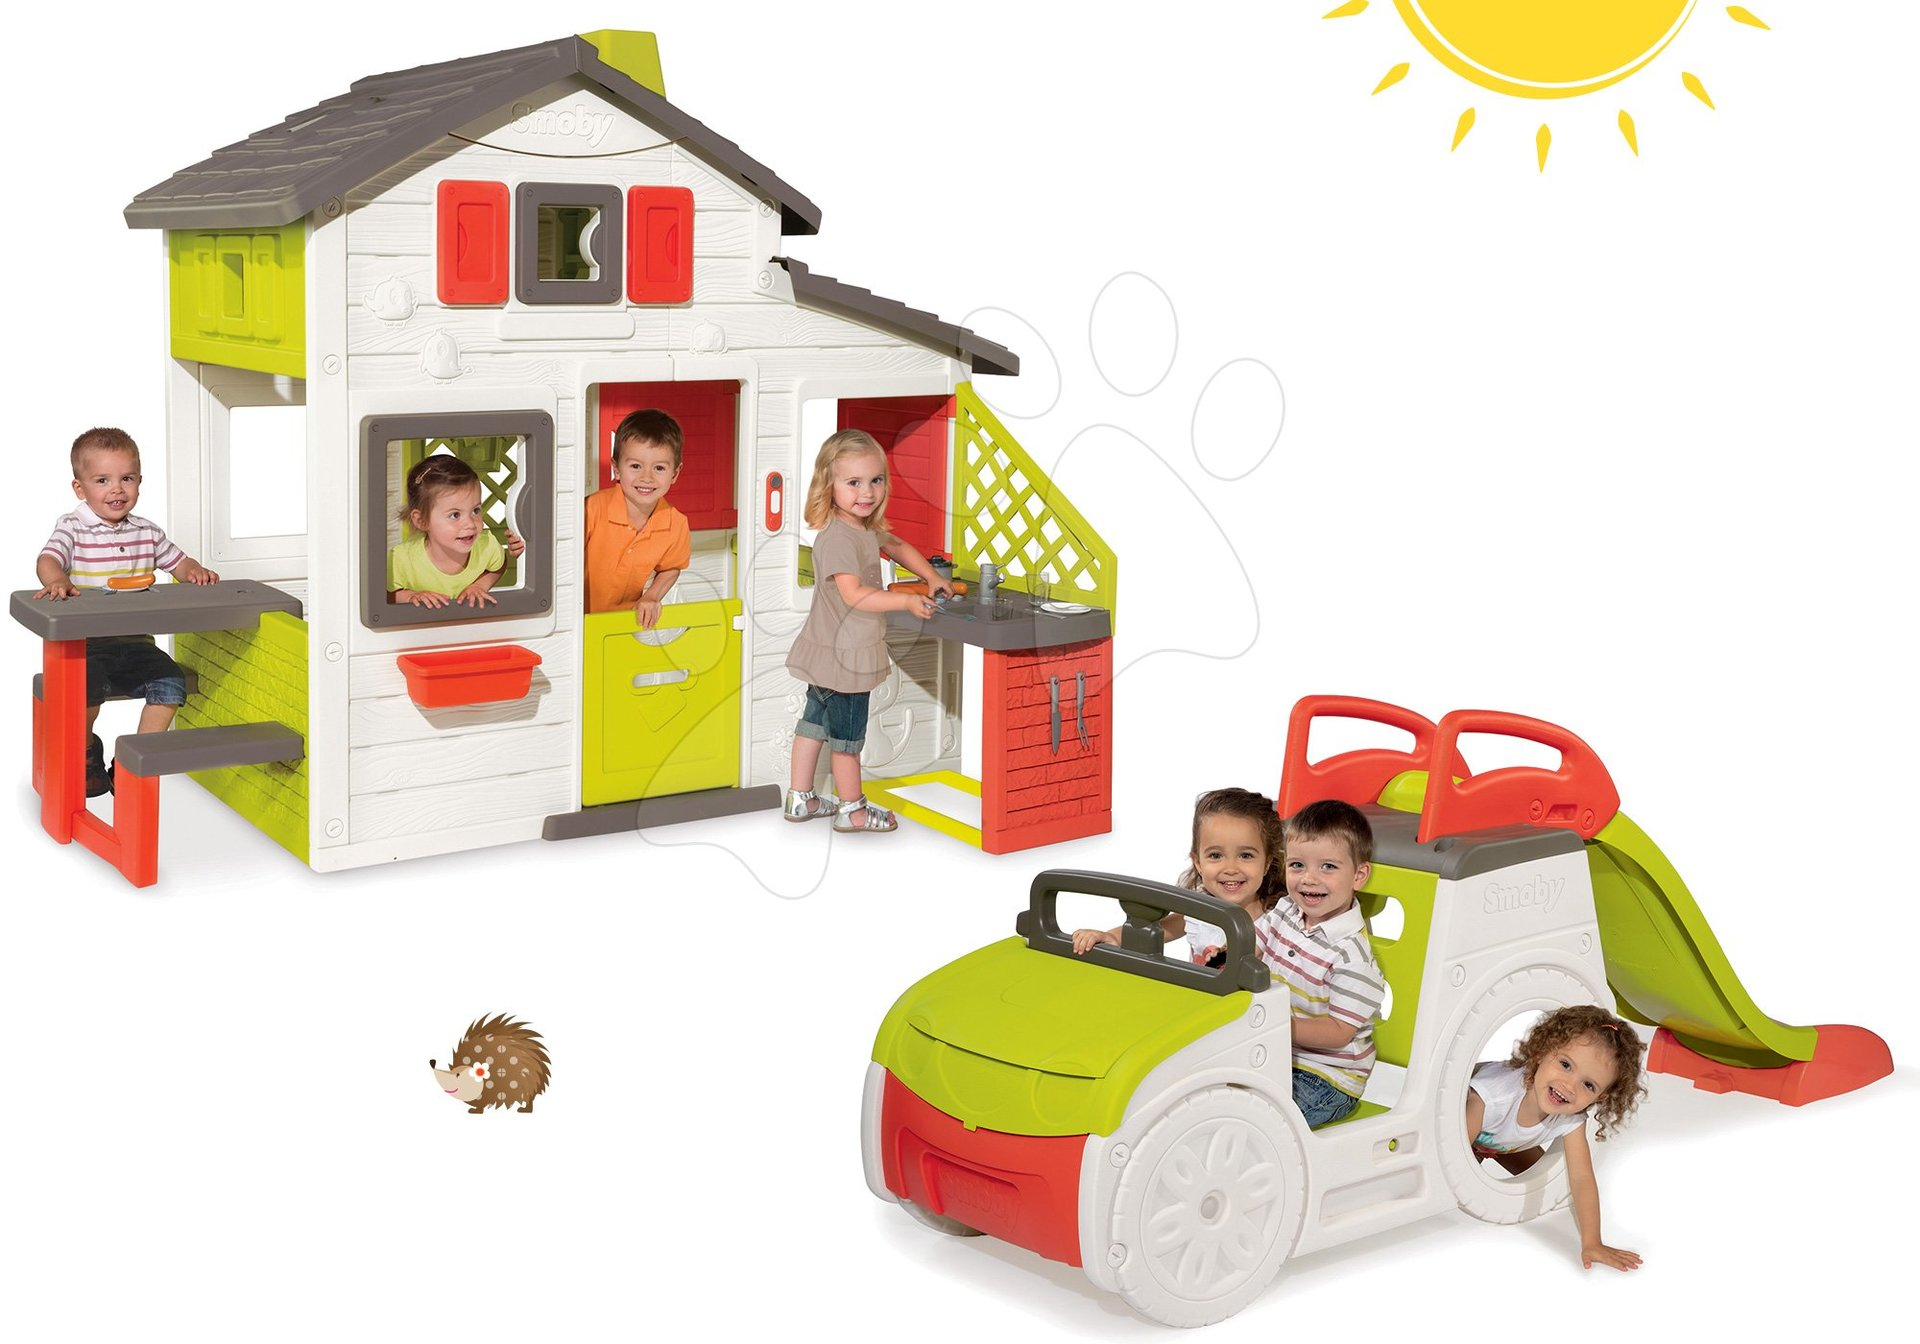 Szett házikó Jóbarátok Smoby konyhával és csengővel és mászóka Autó homokozóval és csúszdával hossza 150 cm